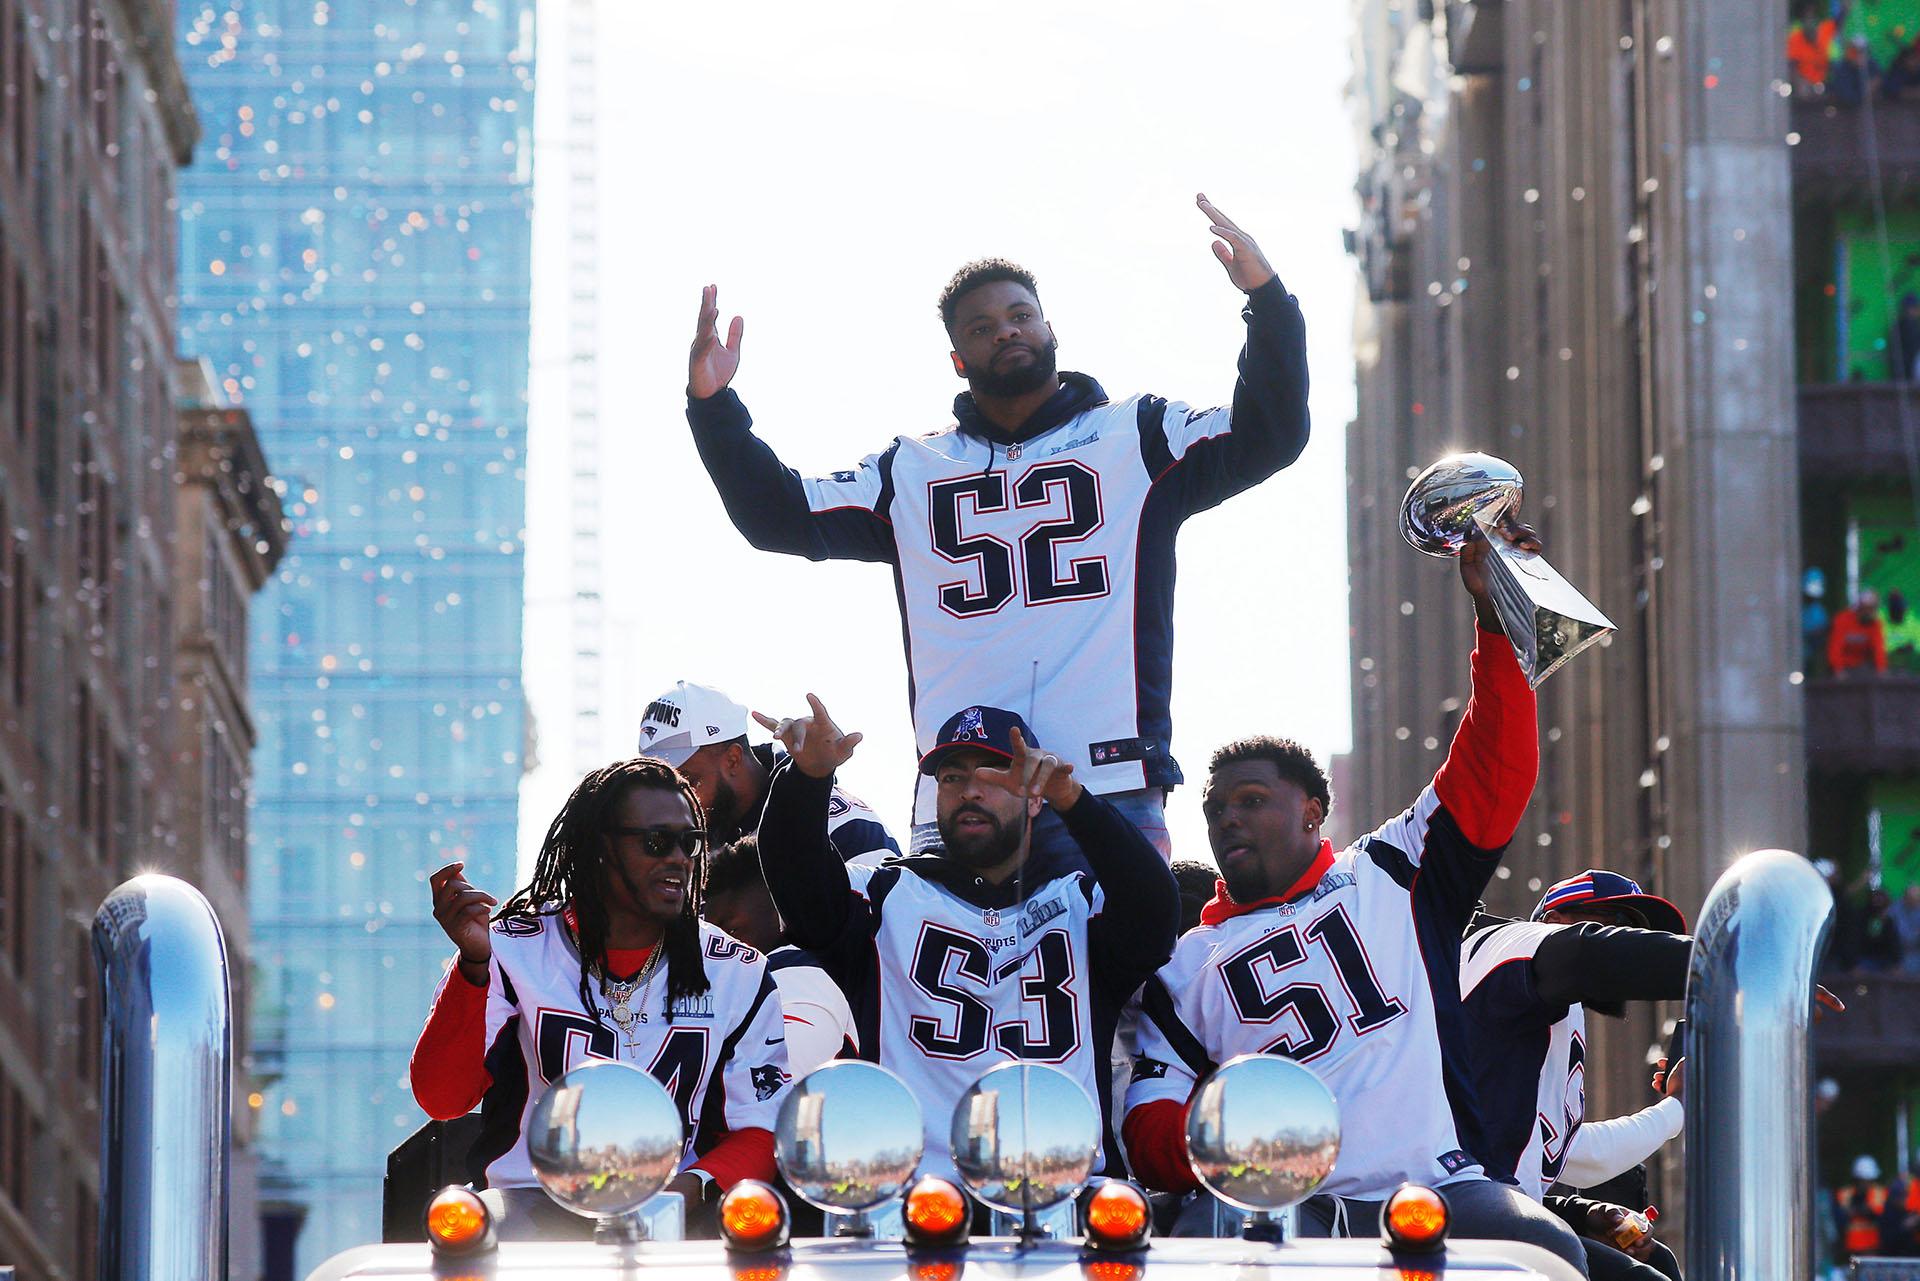 Este martes, el equipo llegó a Boston para celebrar